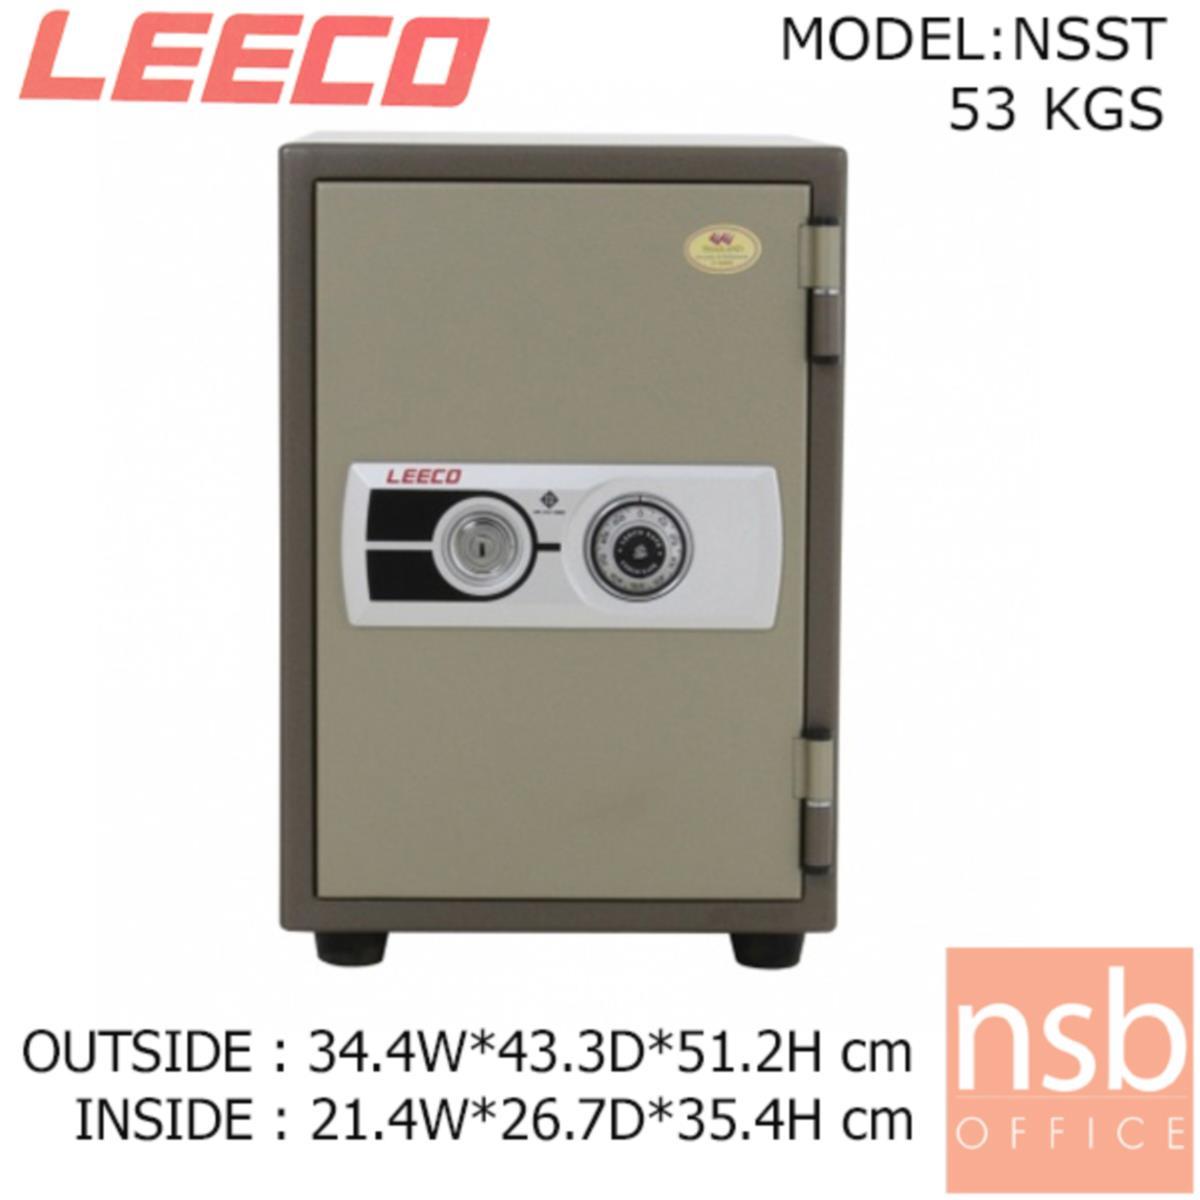 ตู้เซฟนิรภัย 53 กก. ลีโก้ รุ่น NSST มี 1 กุญแจ 1 รหัส (เปลี่ยนรหัสไม่ได้)